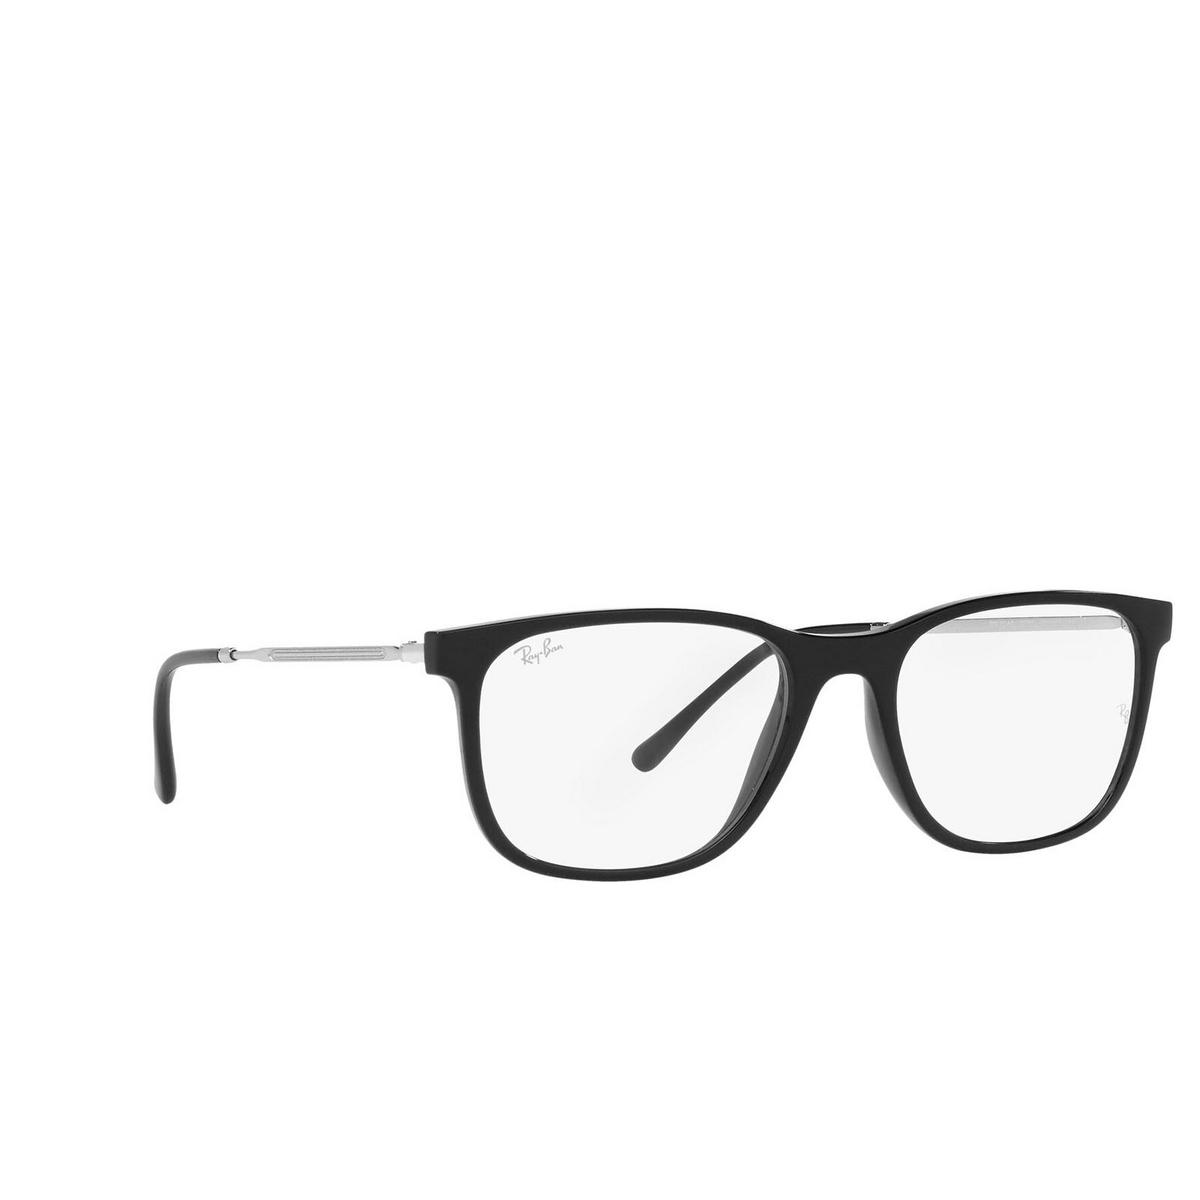 Ray-Ban® Square Eyeglasses: RX7244 color Black 2000 - three-quarters view.